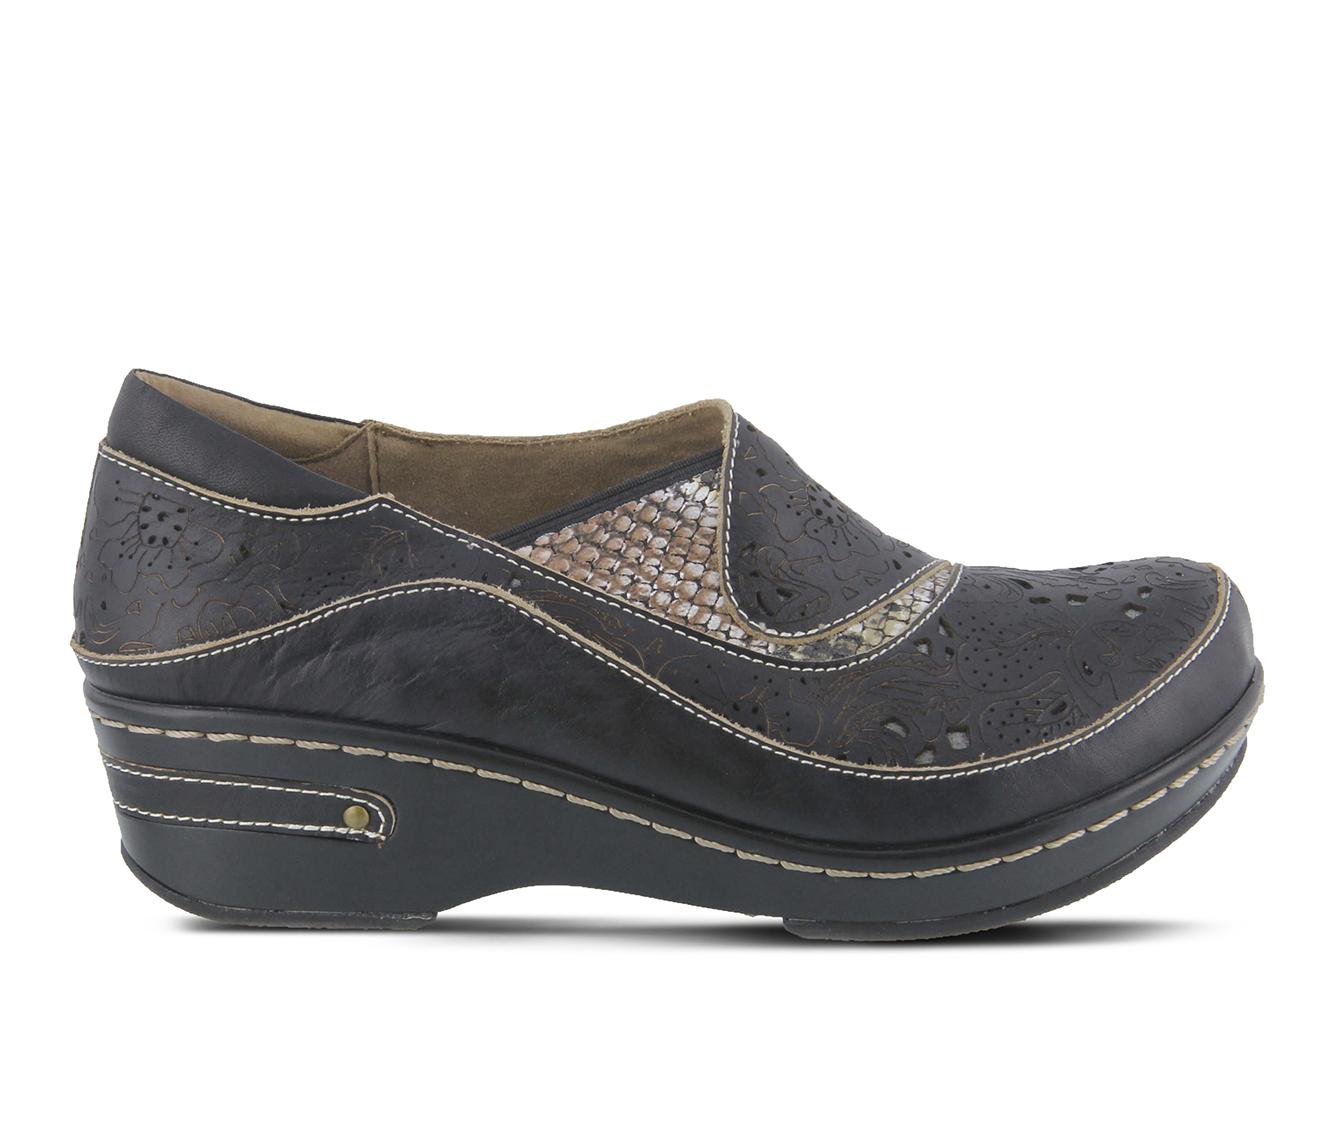 L'Artiste Brankla Women's Shoe (Black Leather)